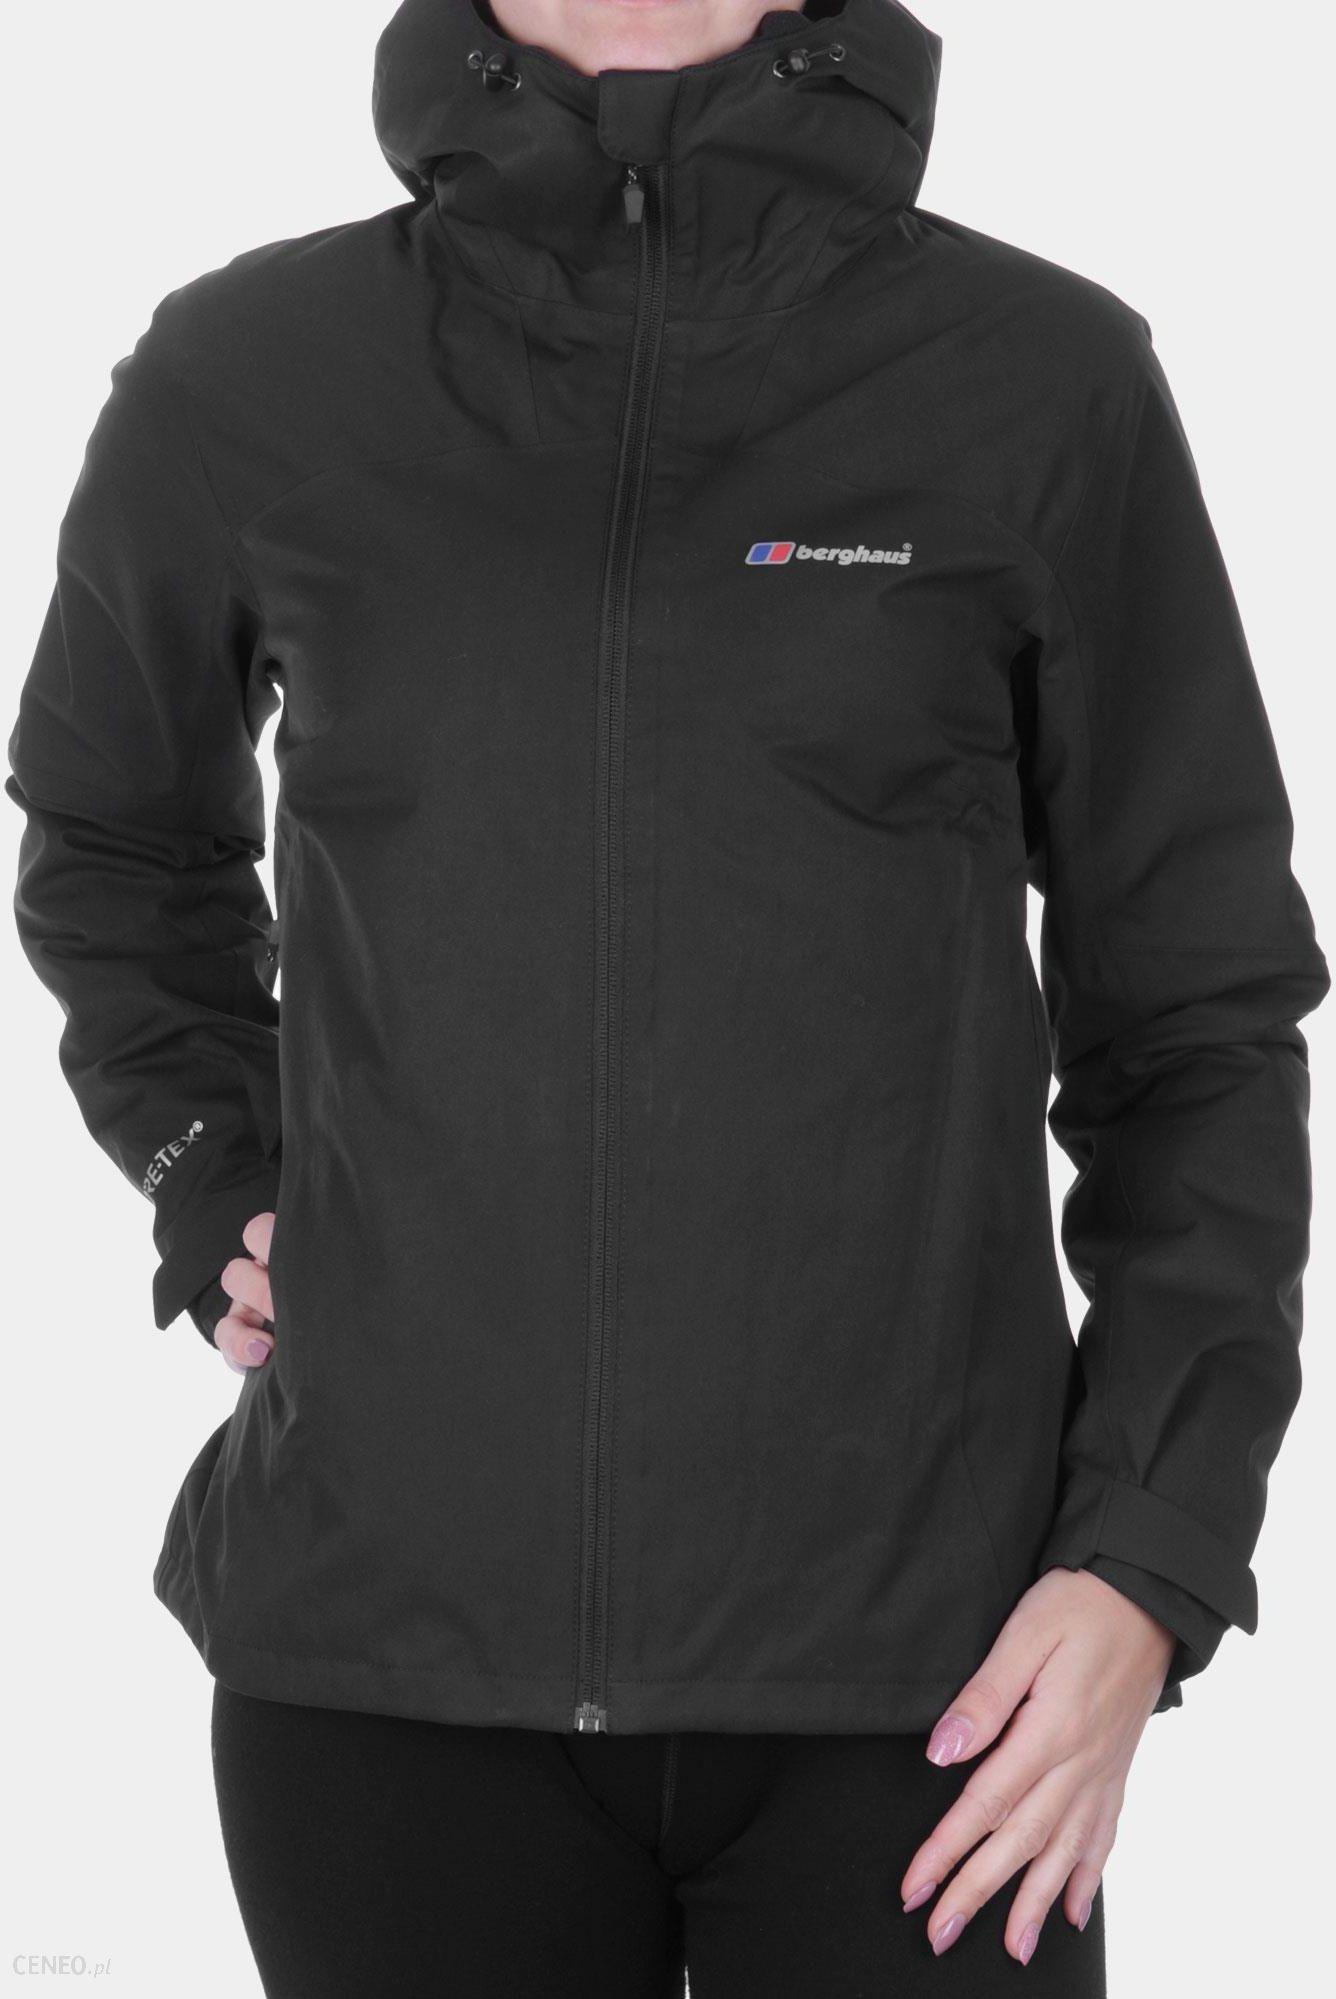 Kurtka damska Berghaus Fellmaster 3in1 Jacket blackblack